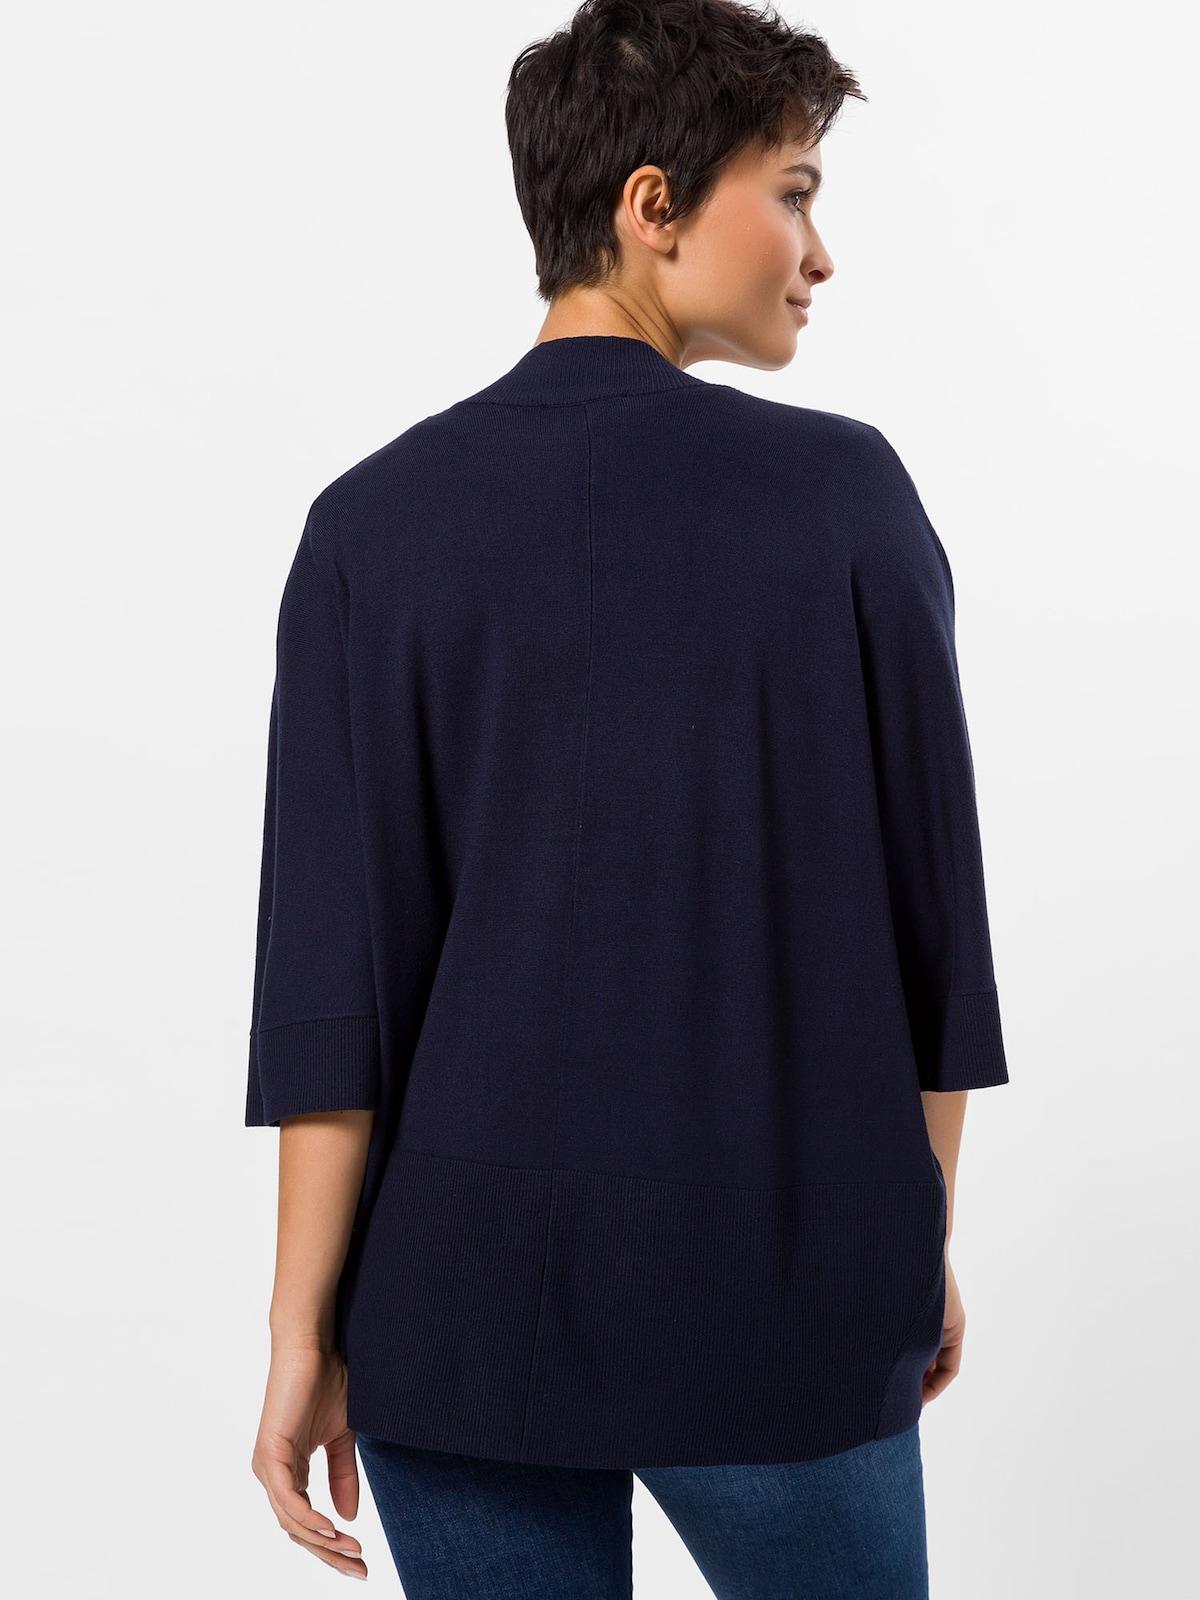 Beliebt Frauen Bekleidung zero Strickjacke in navy Zum Verkauf